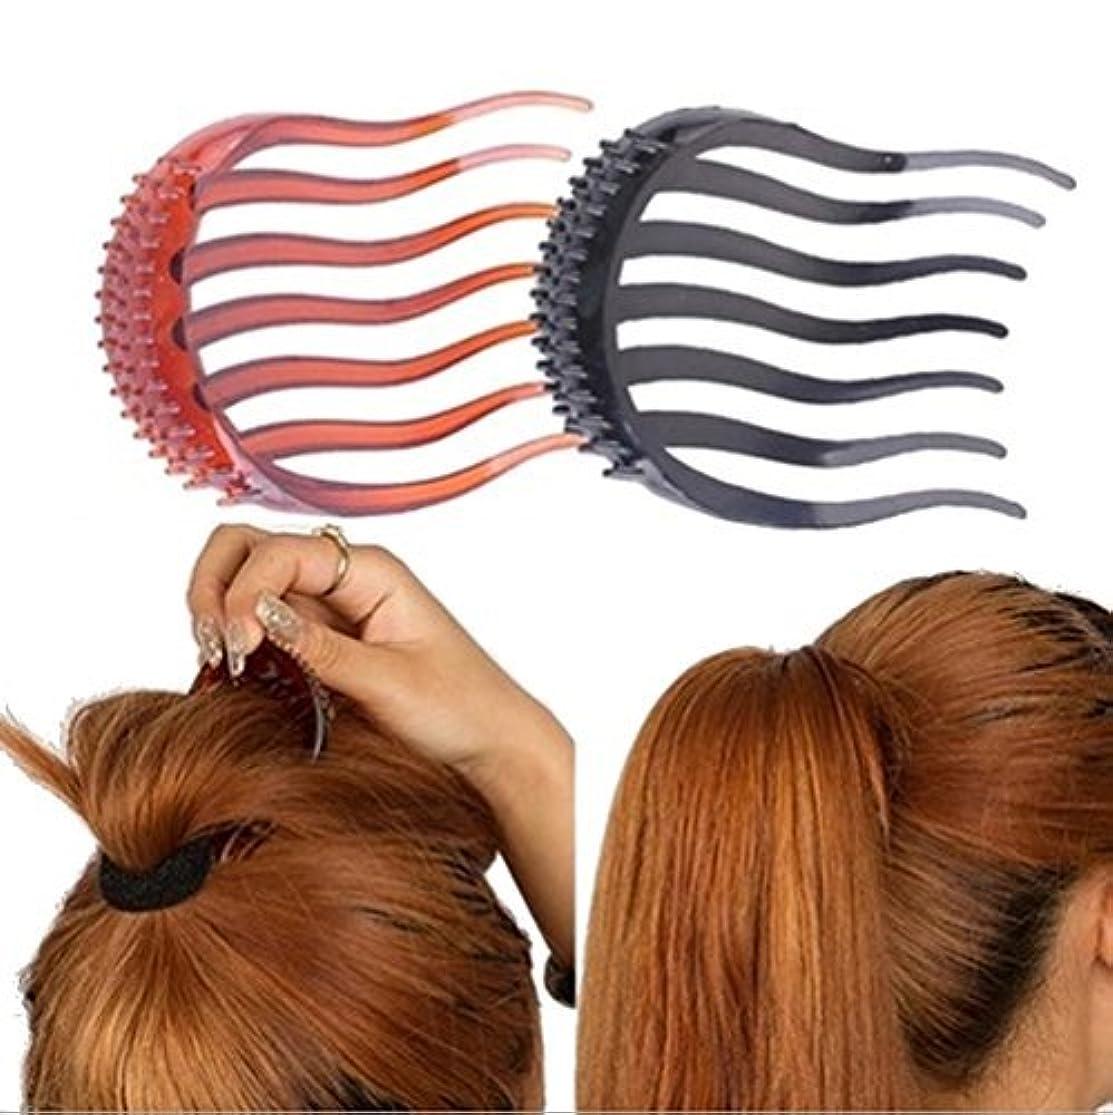 感謝する意見アーカイブ2Pcs Ponytail Bump it UP Hair Styling Insert Comb Fluffy Hair Comb (1Black+1Coffee) [並行輸入品]